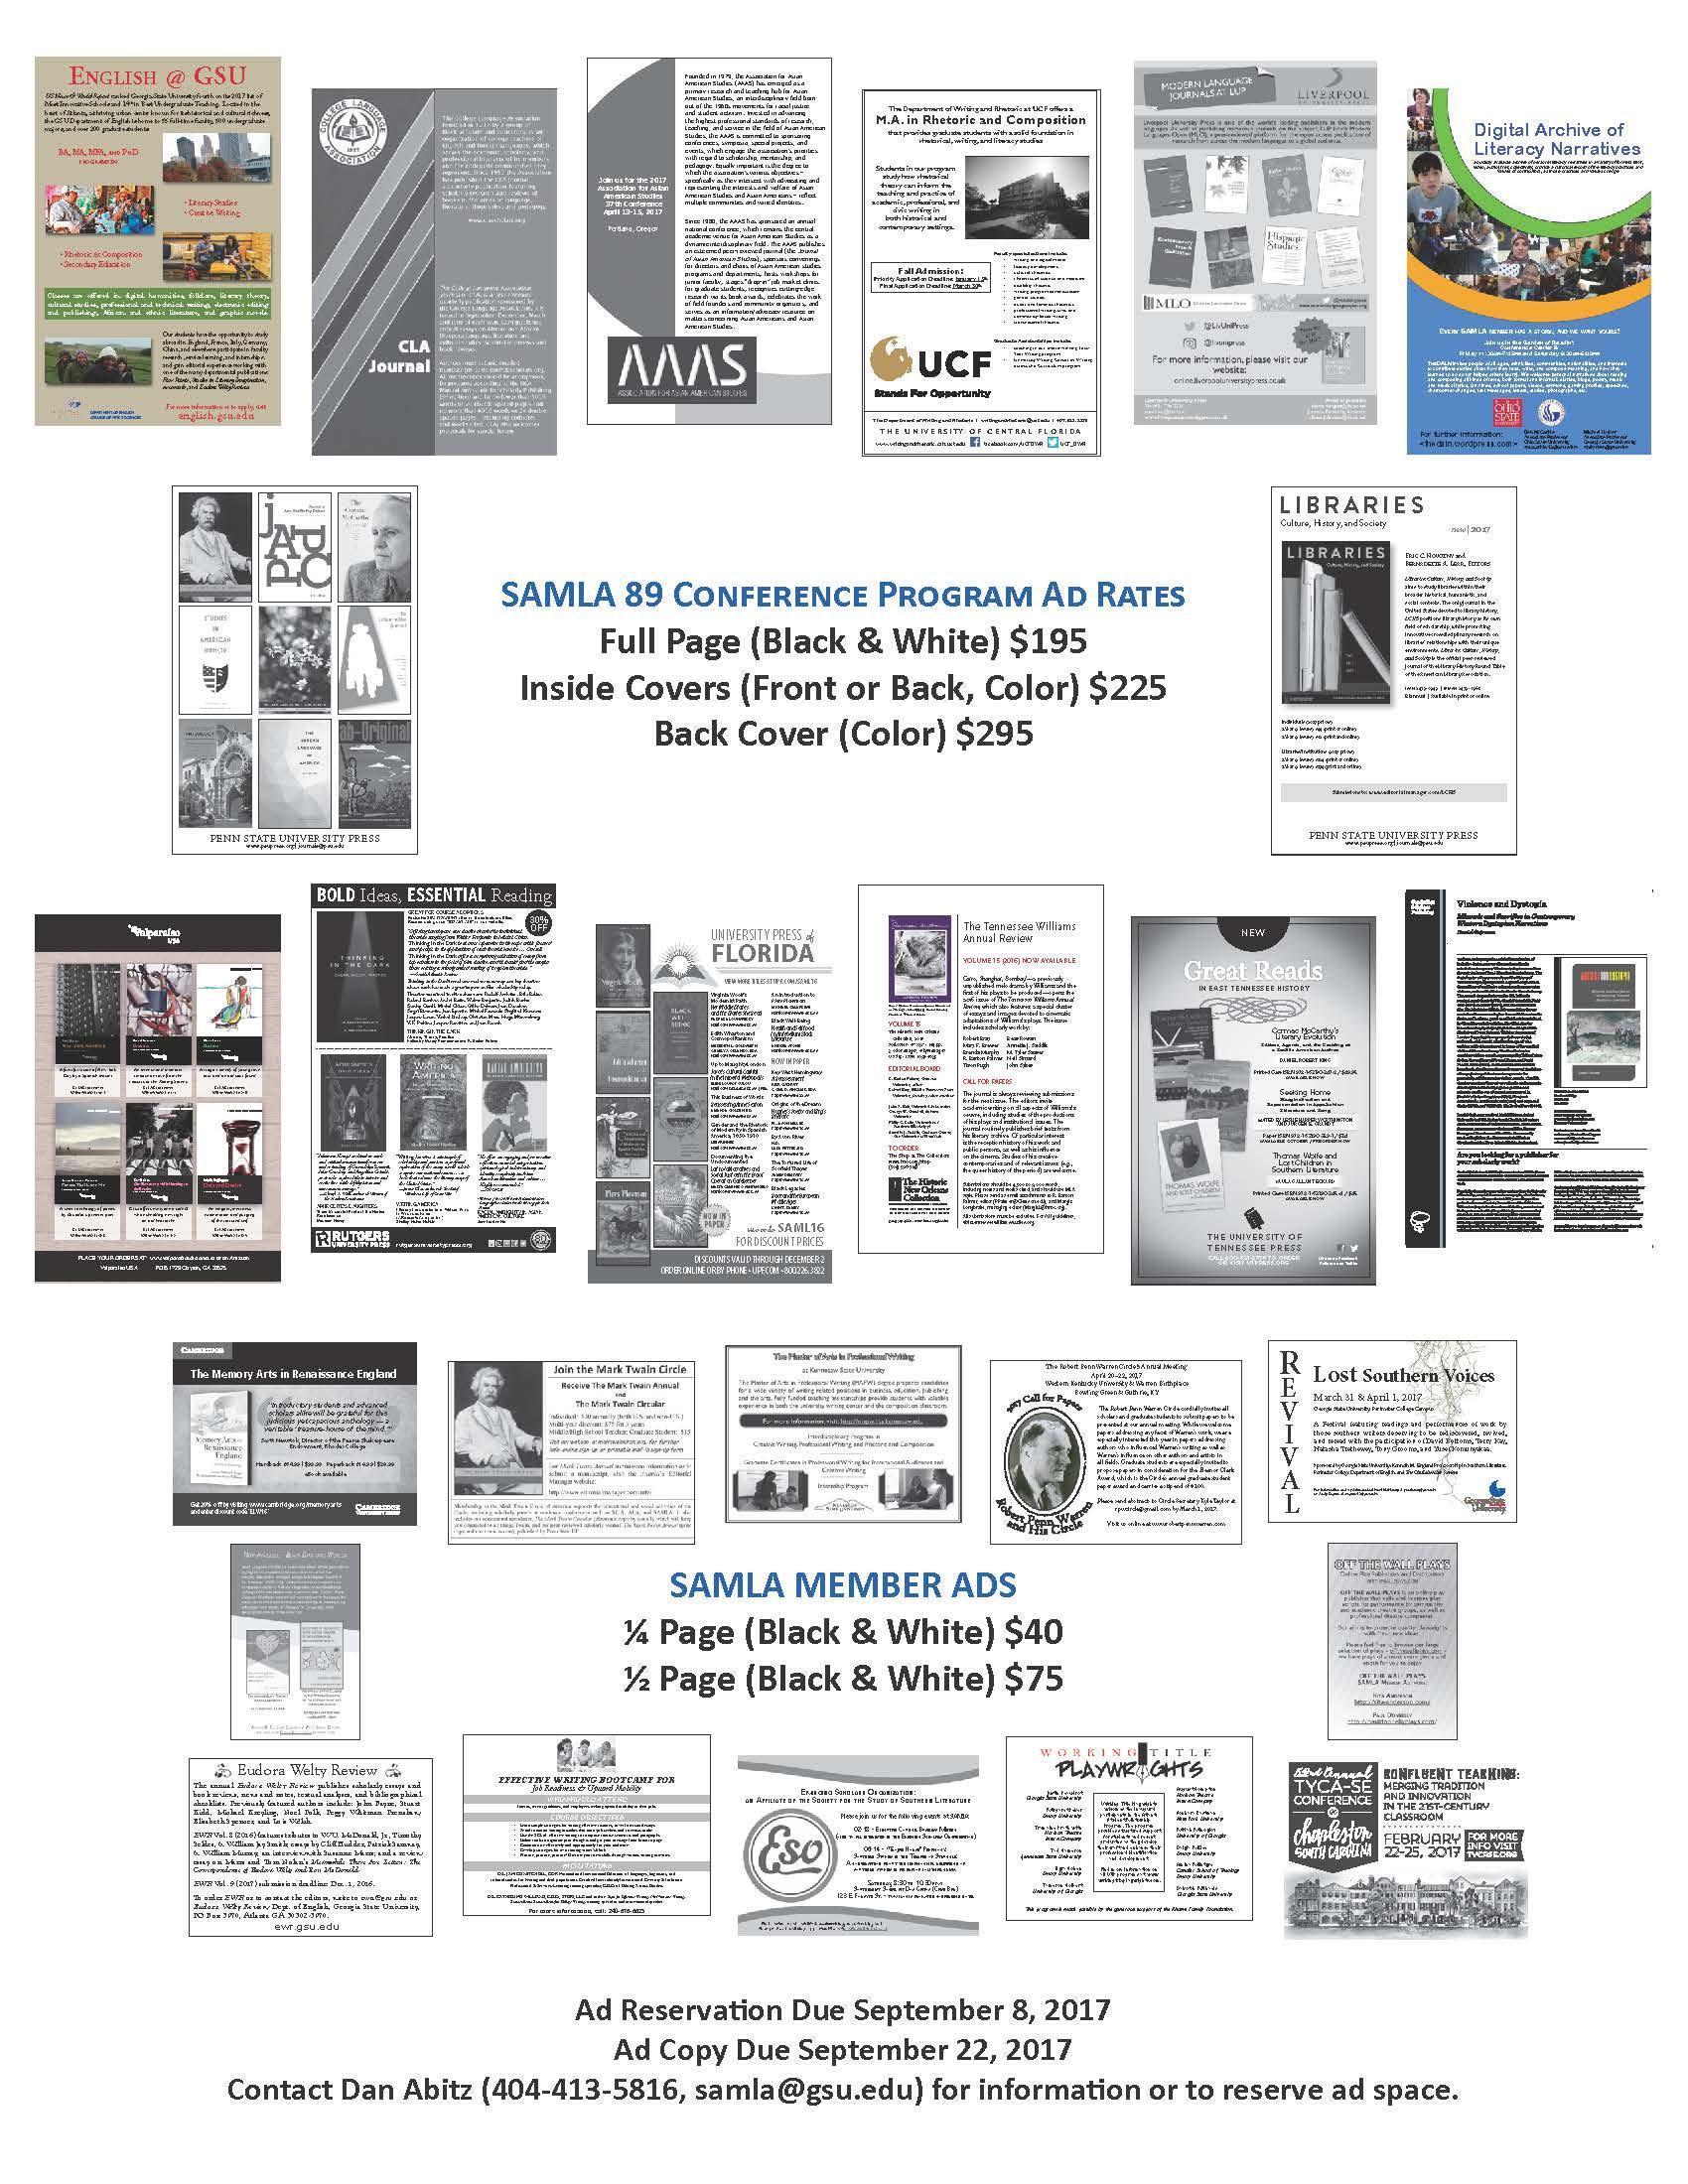 flyer for SAMLA 89 Conference program ads